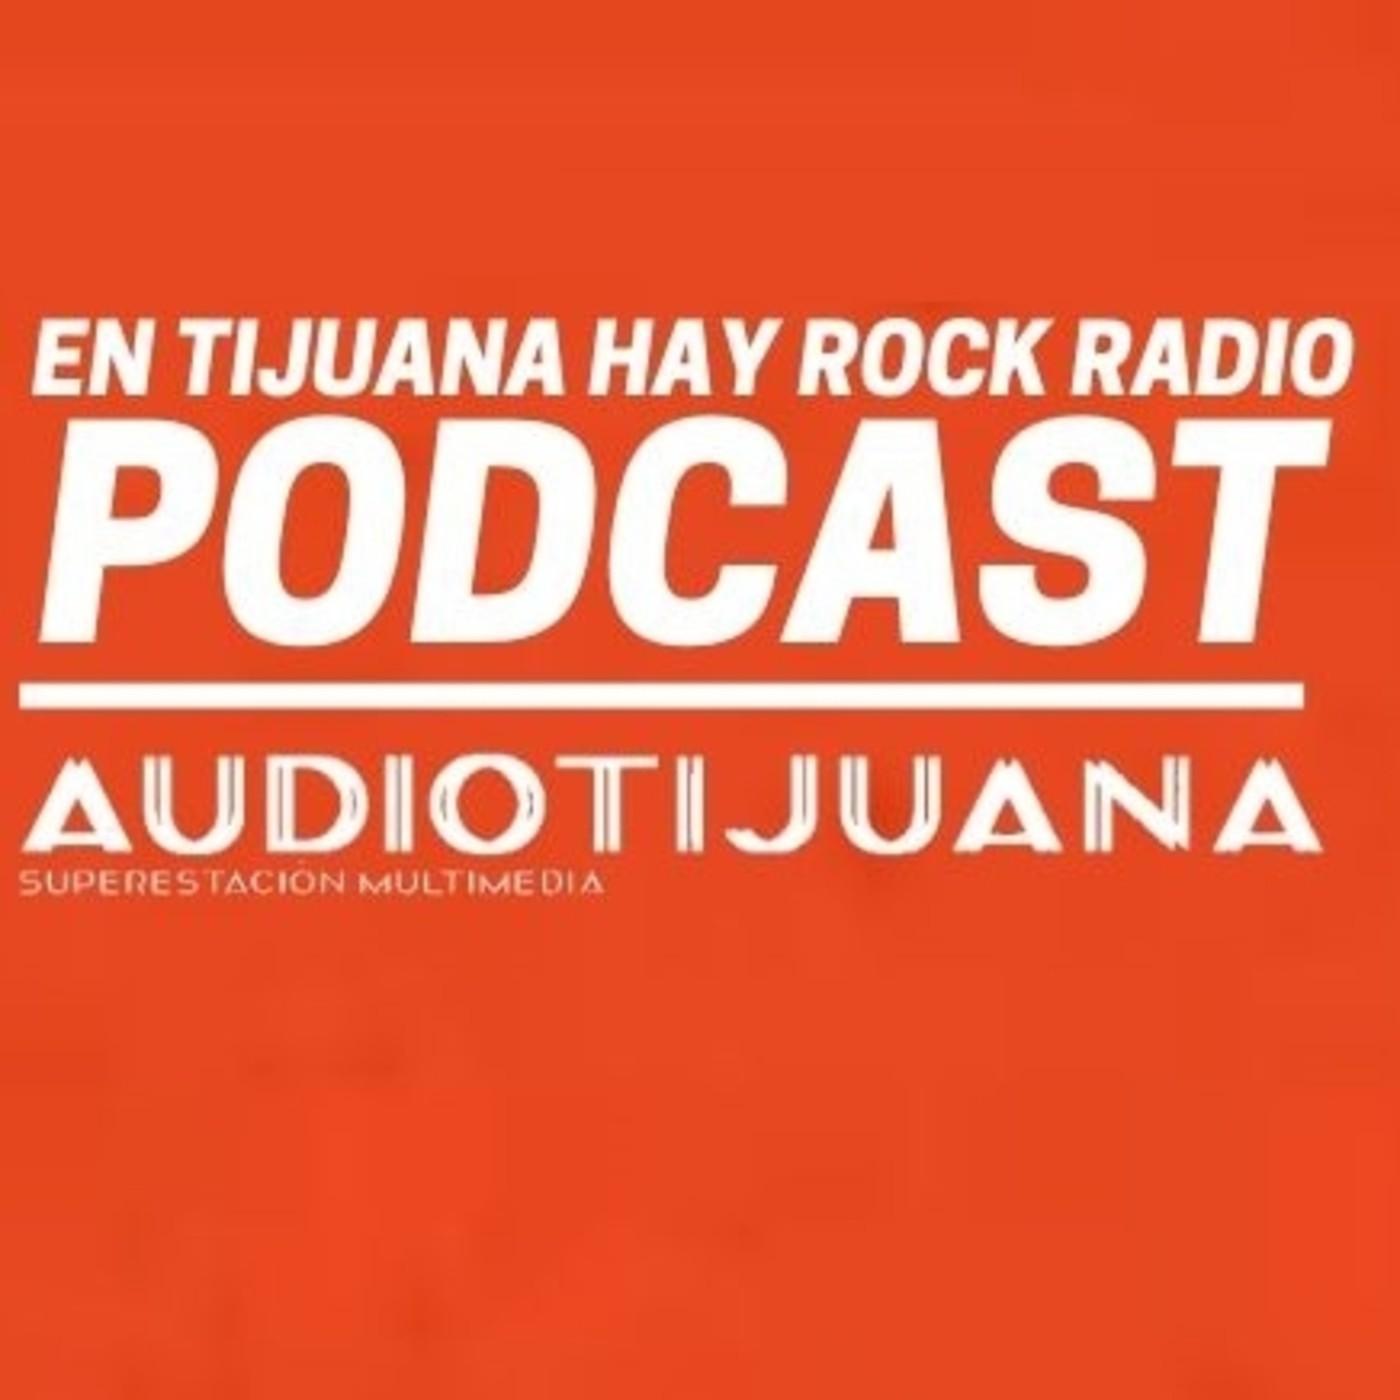 EN TIJUANA HAY ROCK RADIO